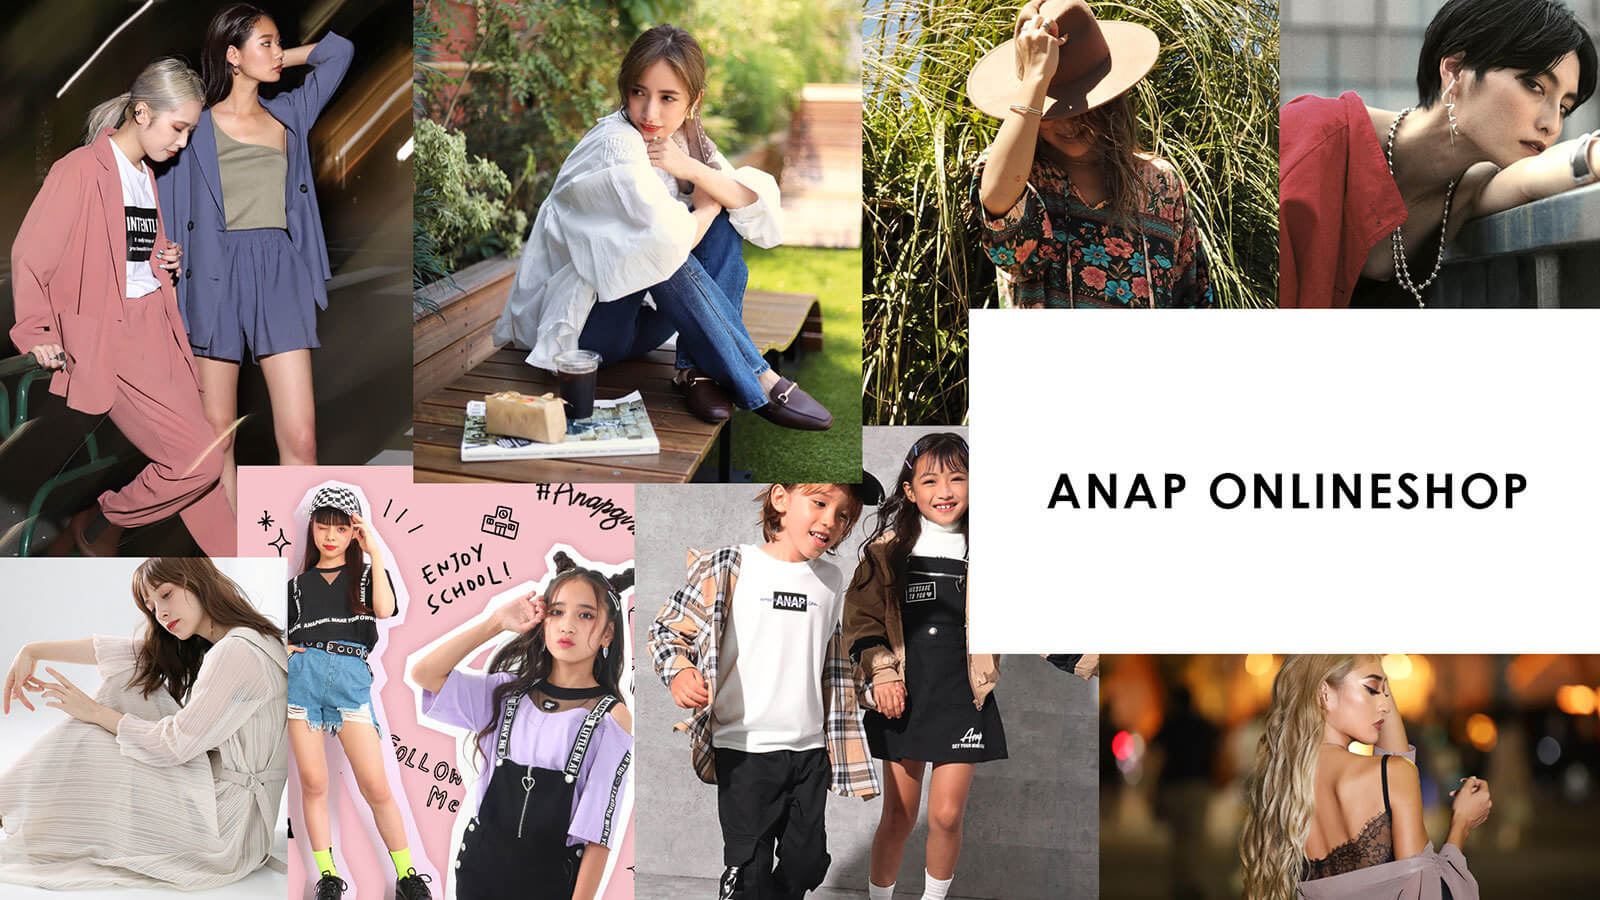 WEBマーケティングポジション!ANAPの魅力を広めてくれる仲間を募集!のカバー写真